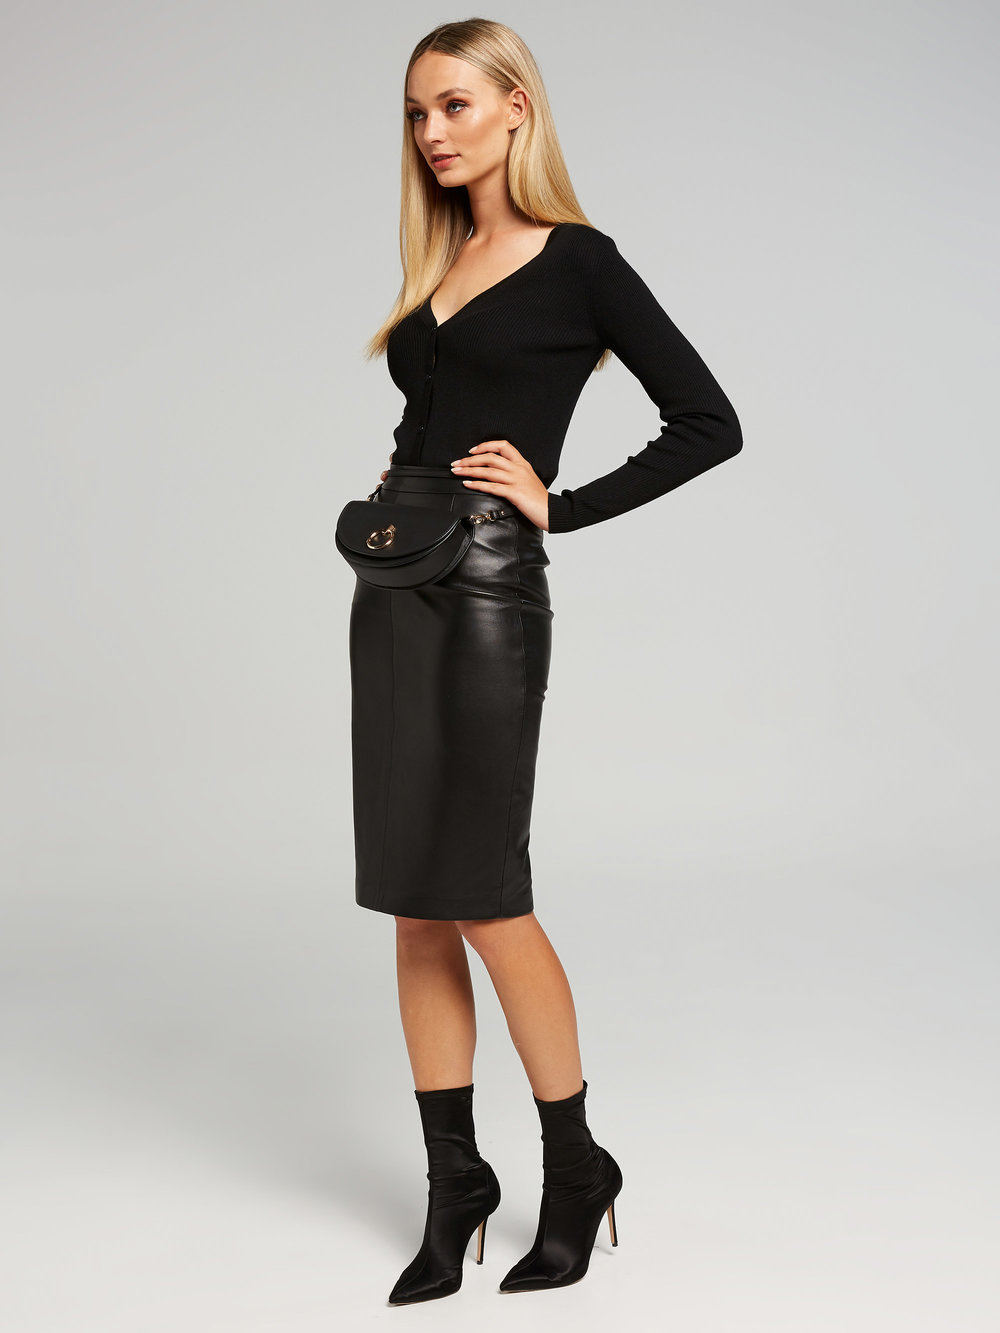 765380_black_outfit_full.jpg